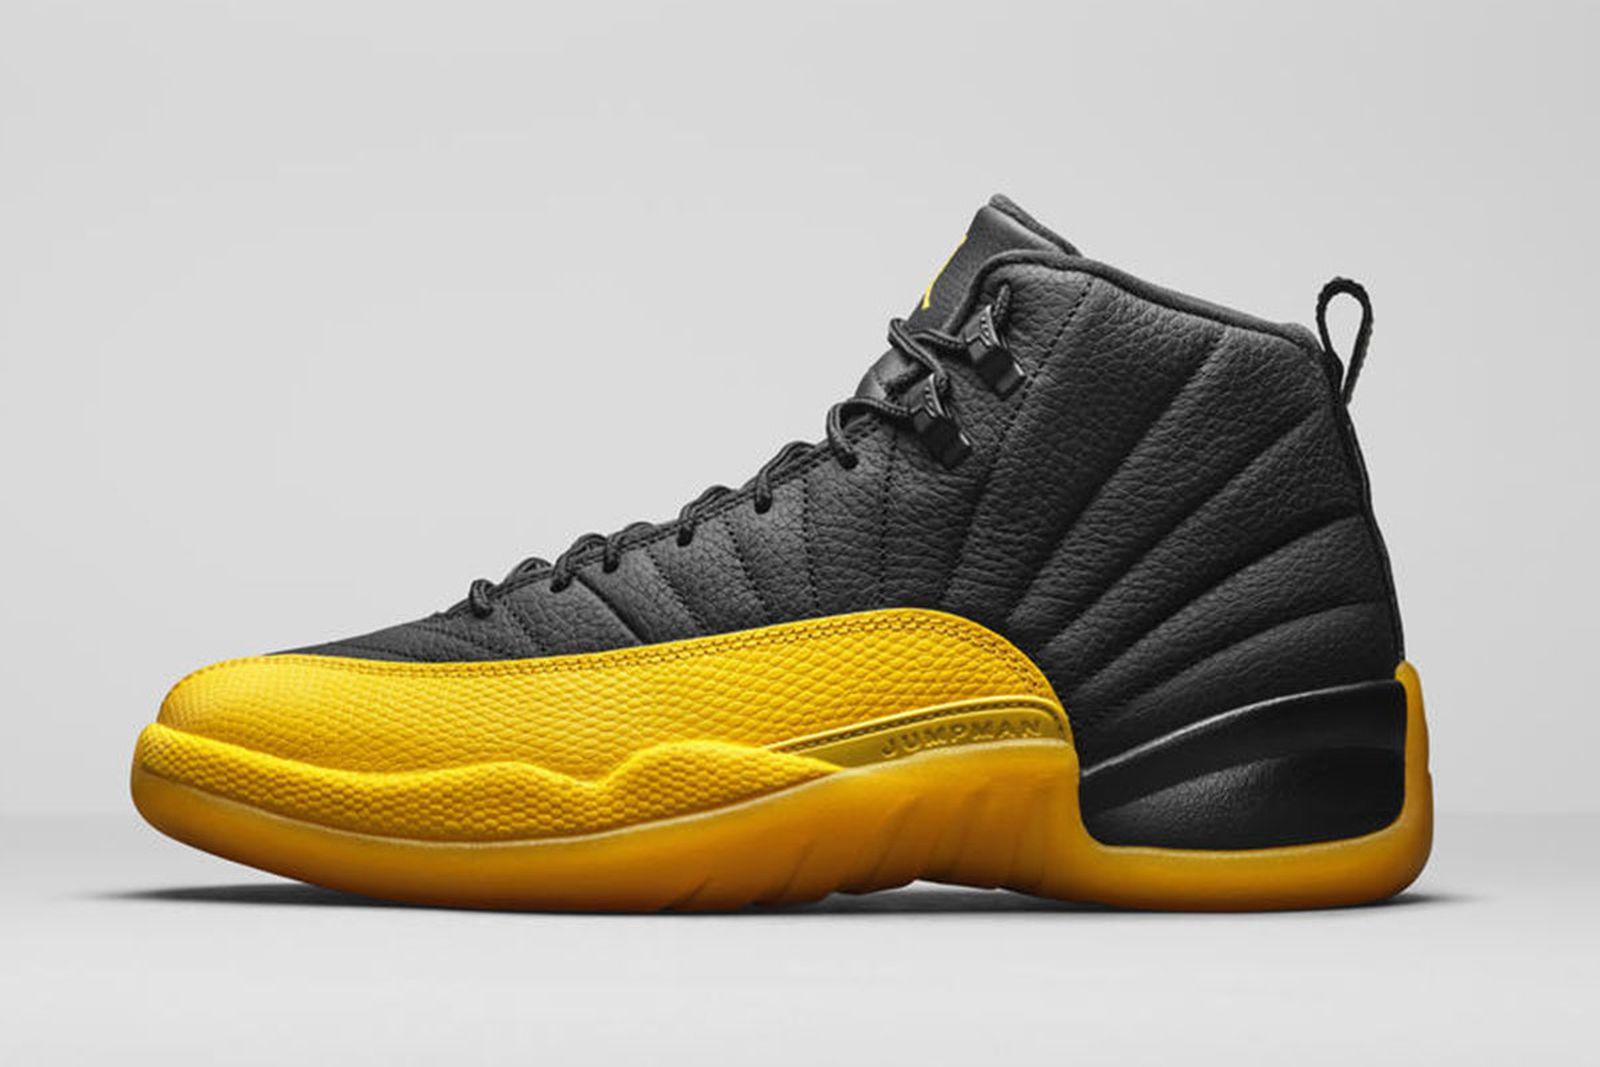 Jordan Brand Fall 2020 sneaker lineup Air Jordan 12 black yellow